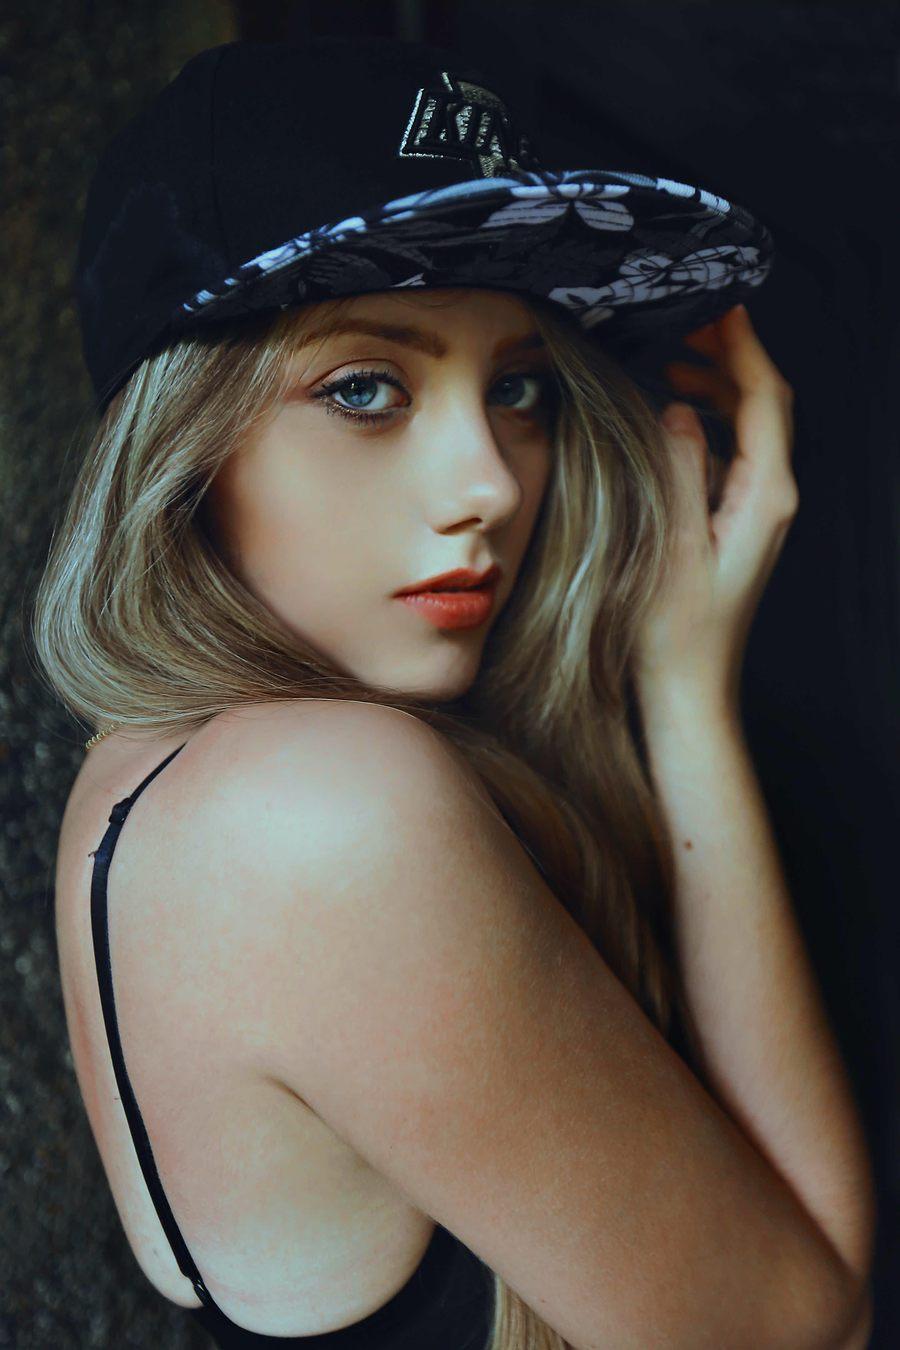 Bali Boudoir - Leandro - 2017 / Model Shannon Thorne / Uploaded 7th January 2018 @ 10:19 PM